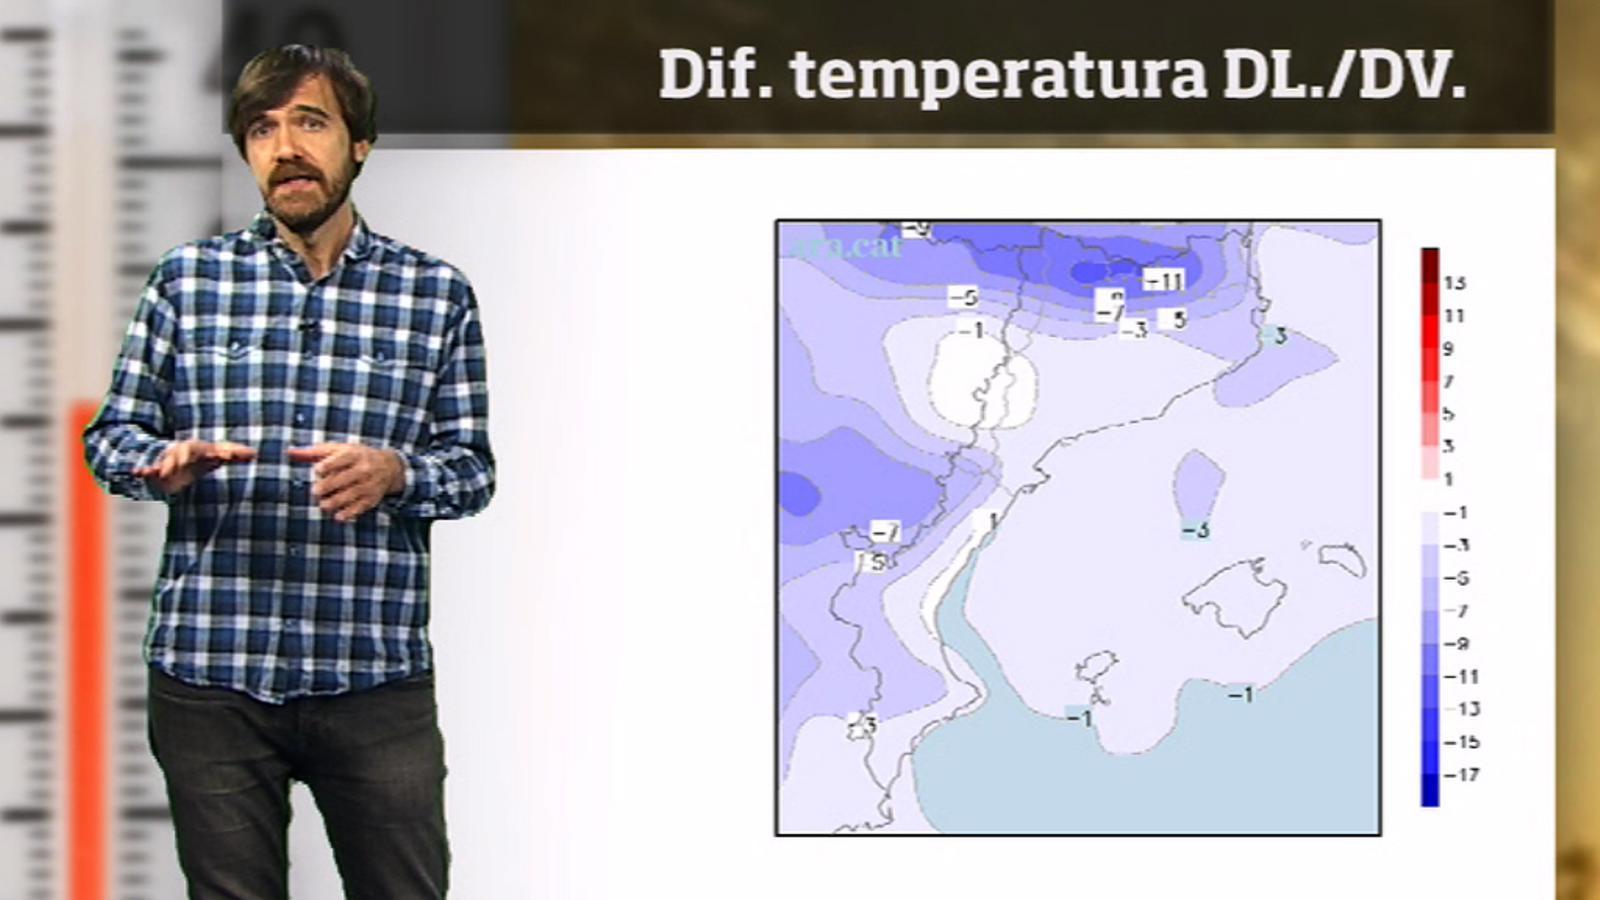 Méteo especial: setmana de fred polar